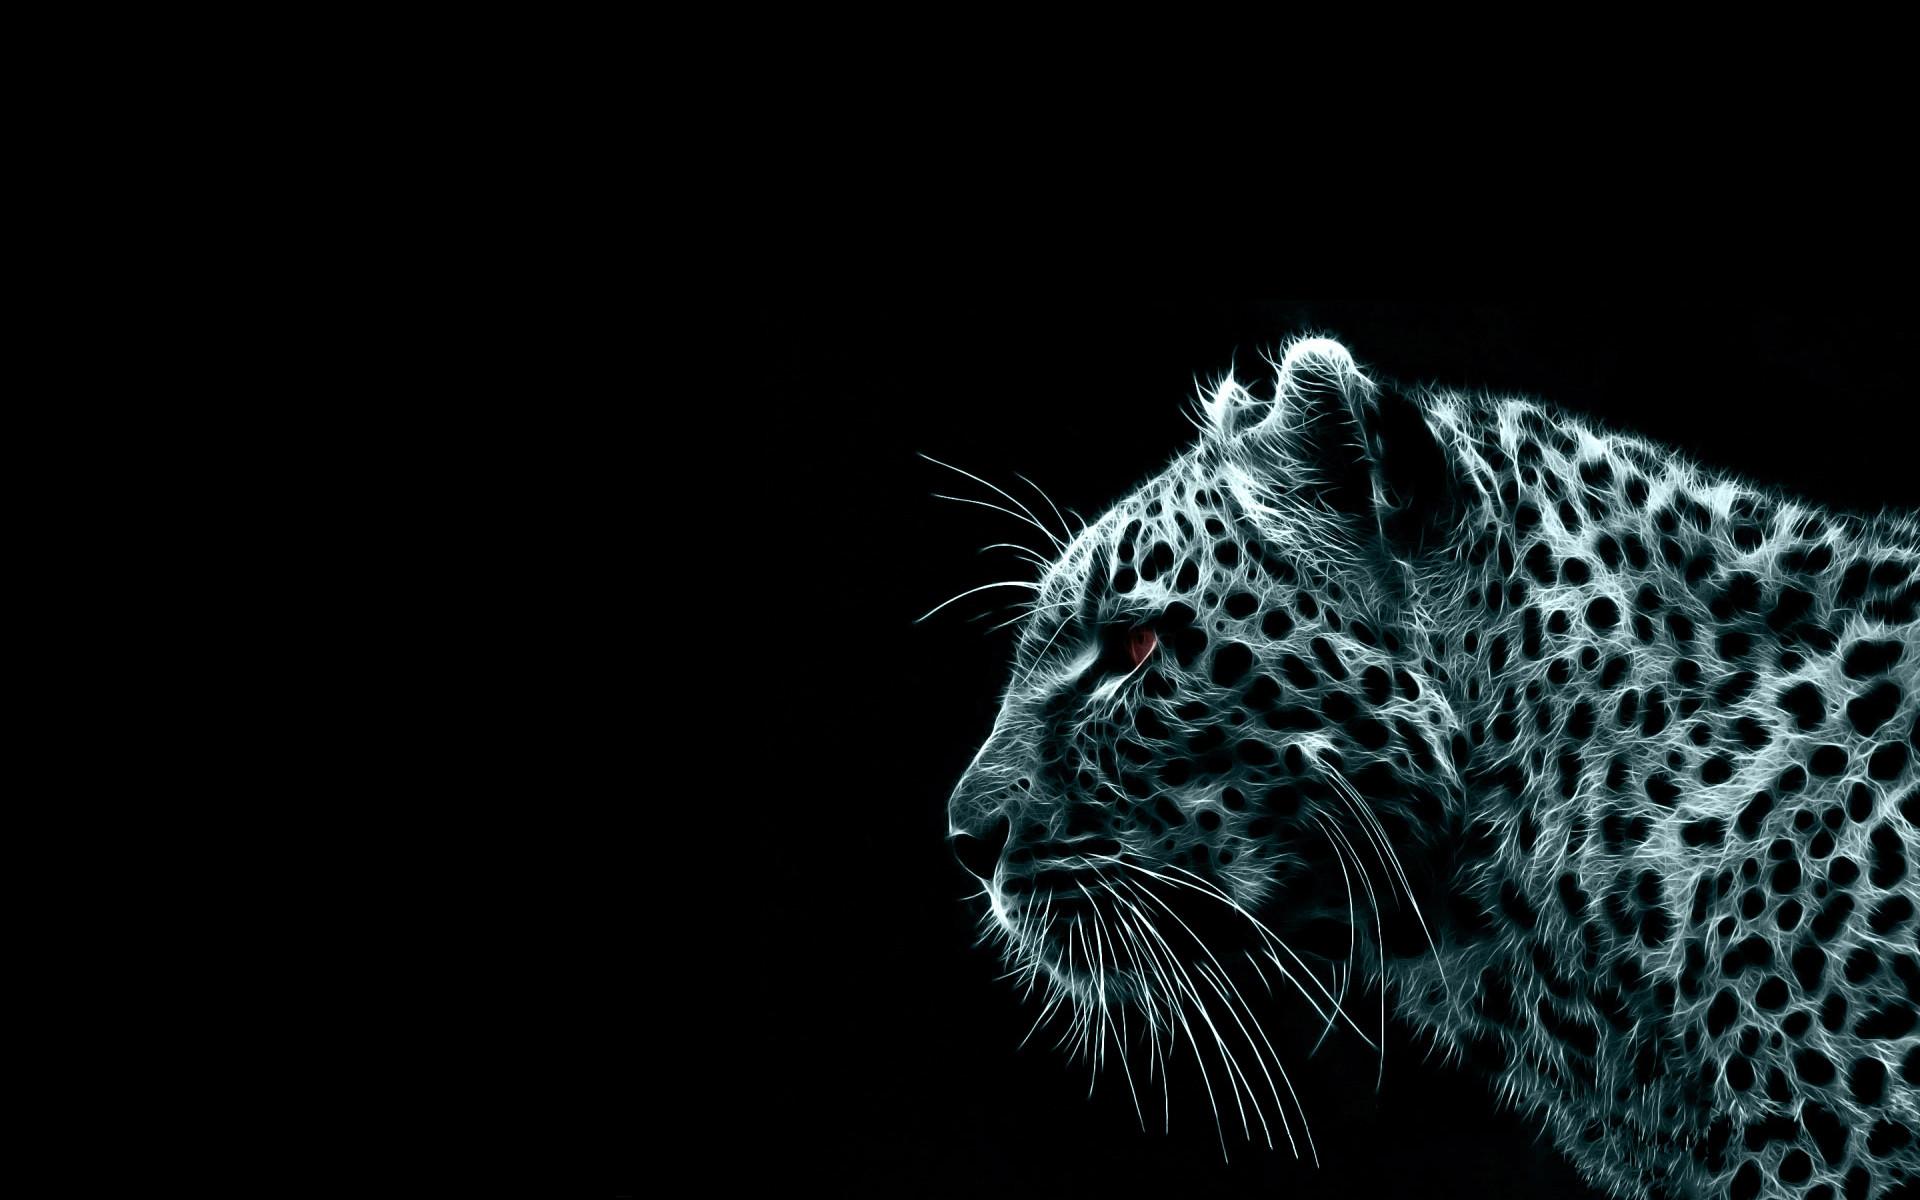 Tiger Wallpaper Black Background